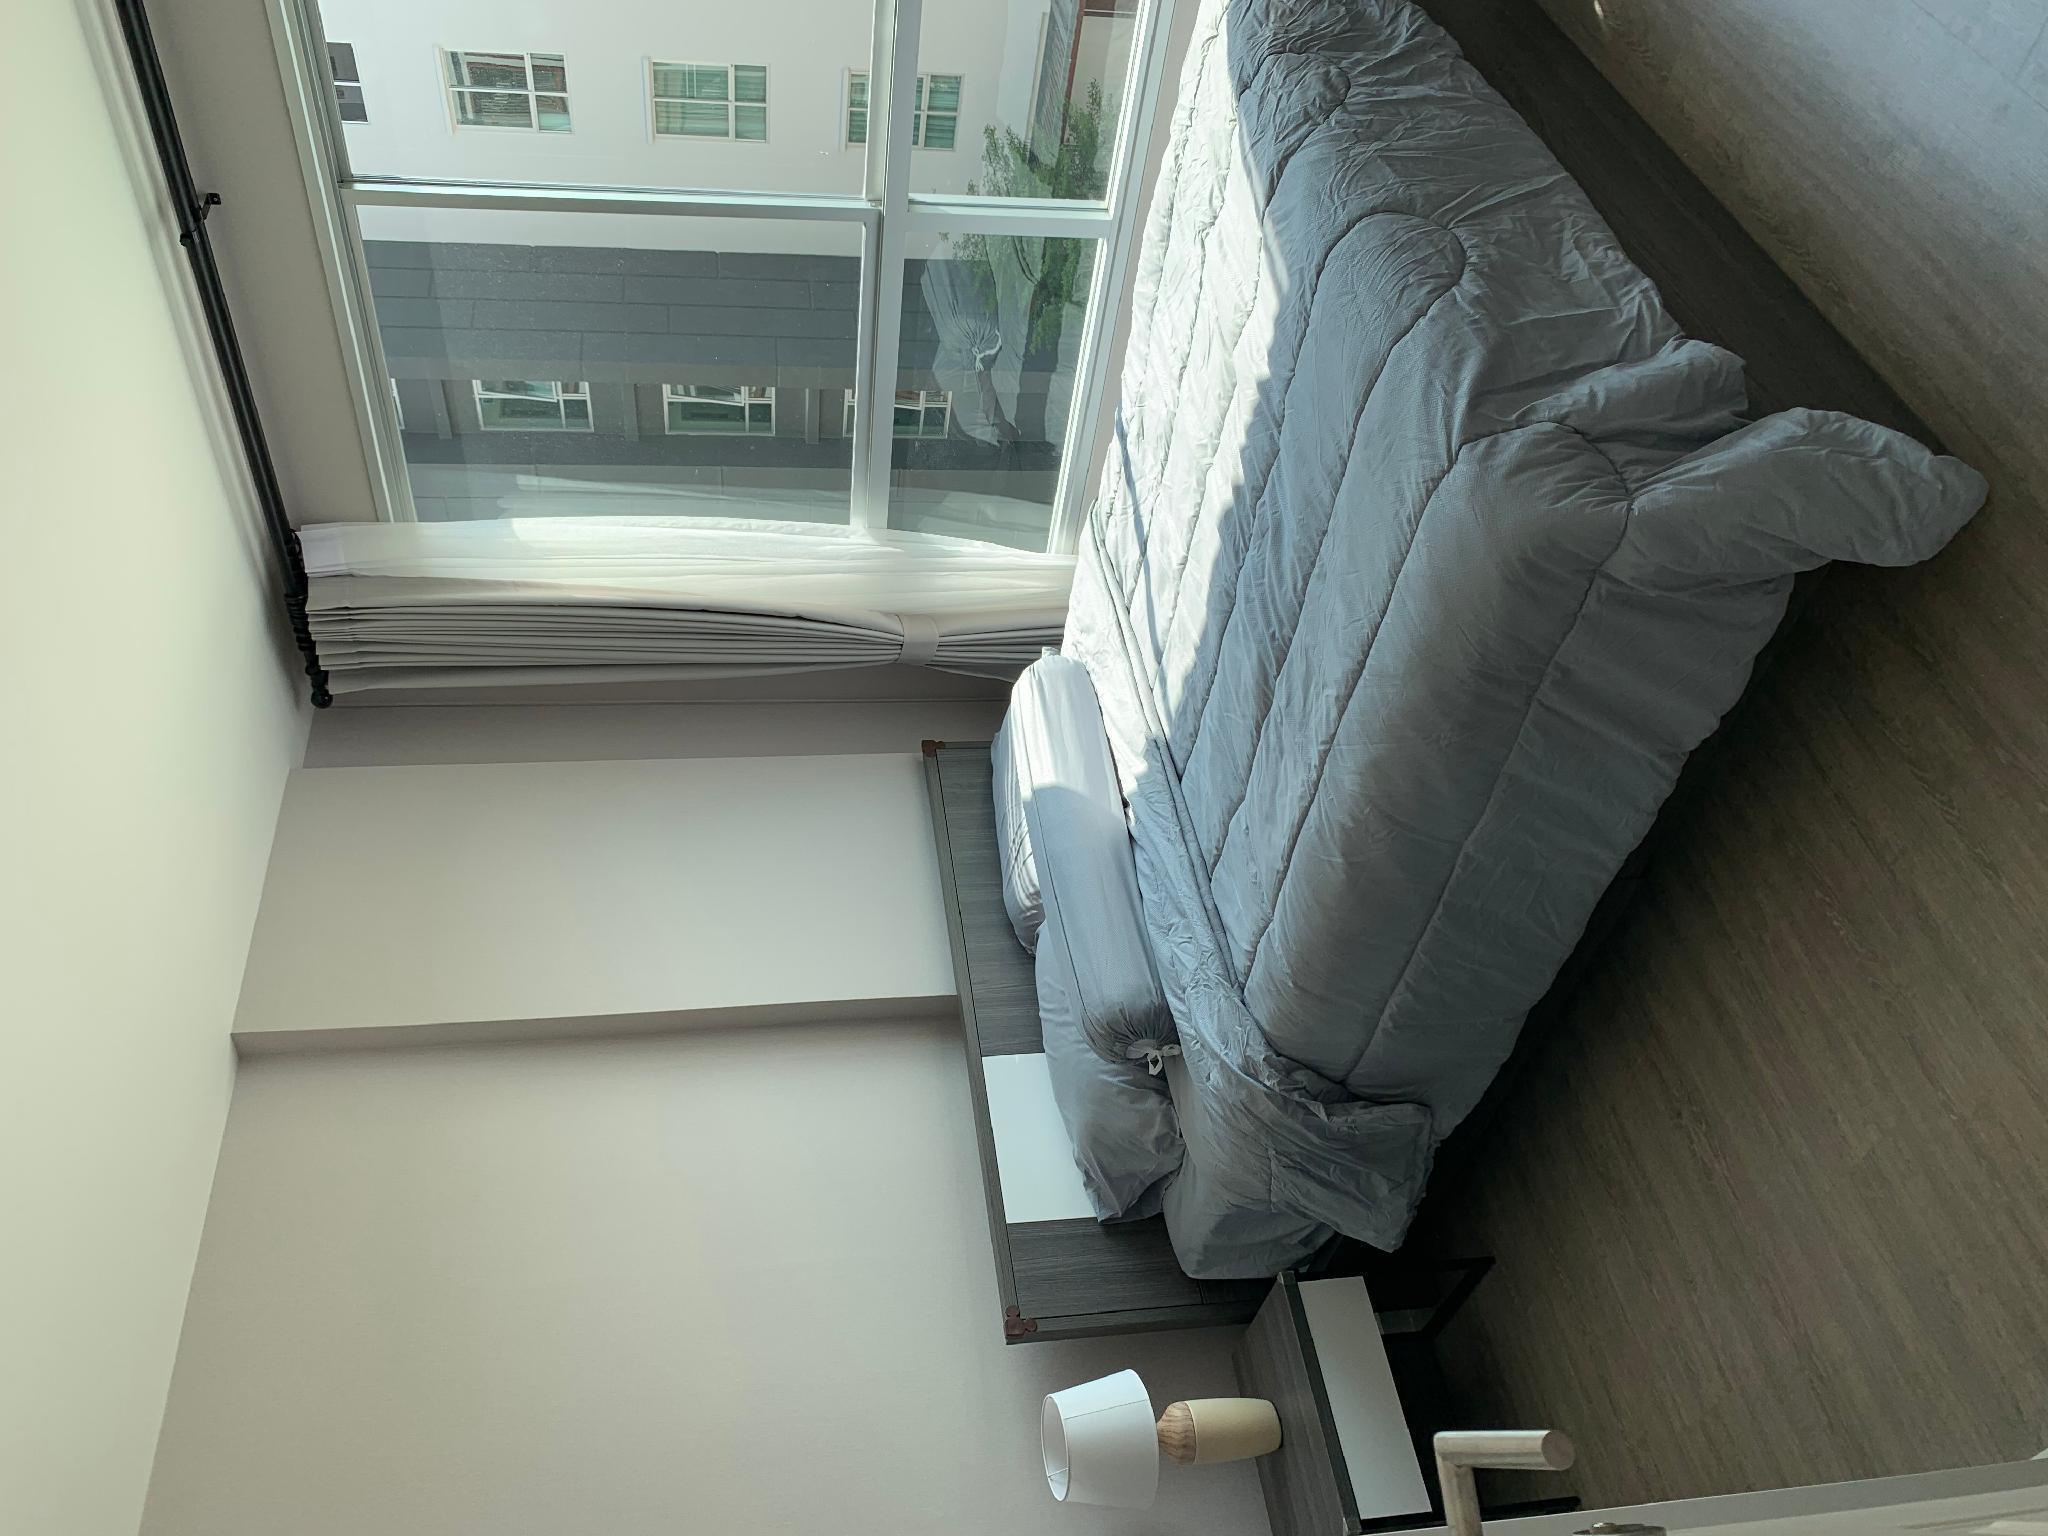 D Condo Ping 48 อพาร์ตเมนต์ 1 ห้องนอน 1 ห้องน้ำส่วนตัว ขนาด 390 ตร.ม. – ฟ้าฮ่าม